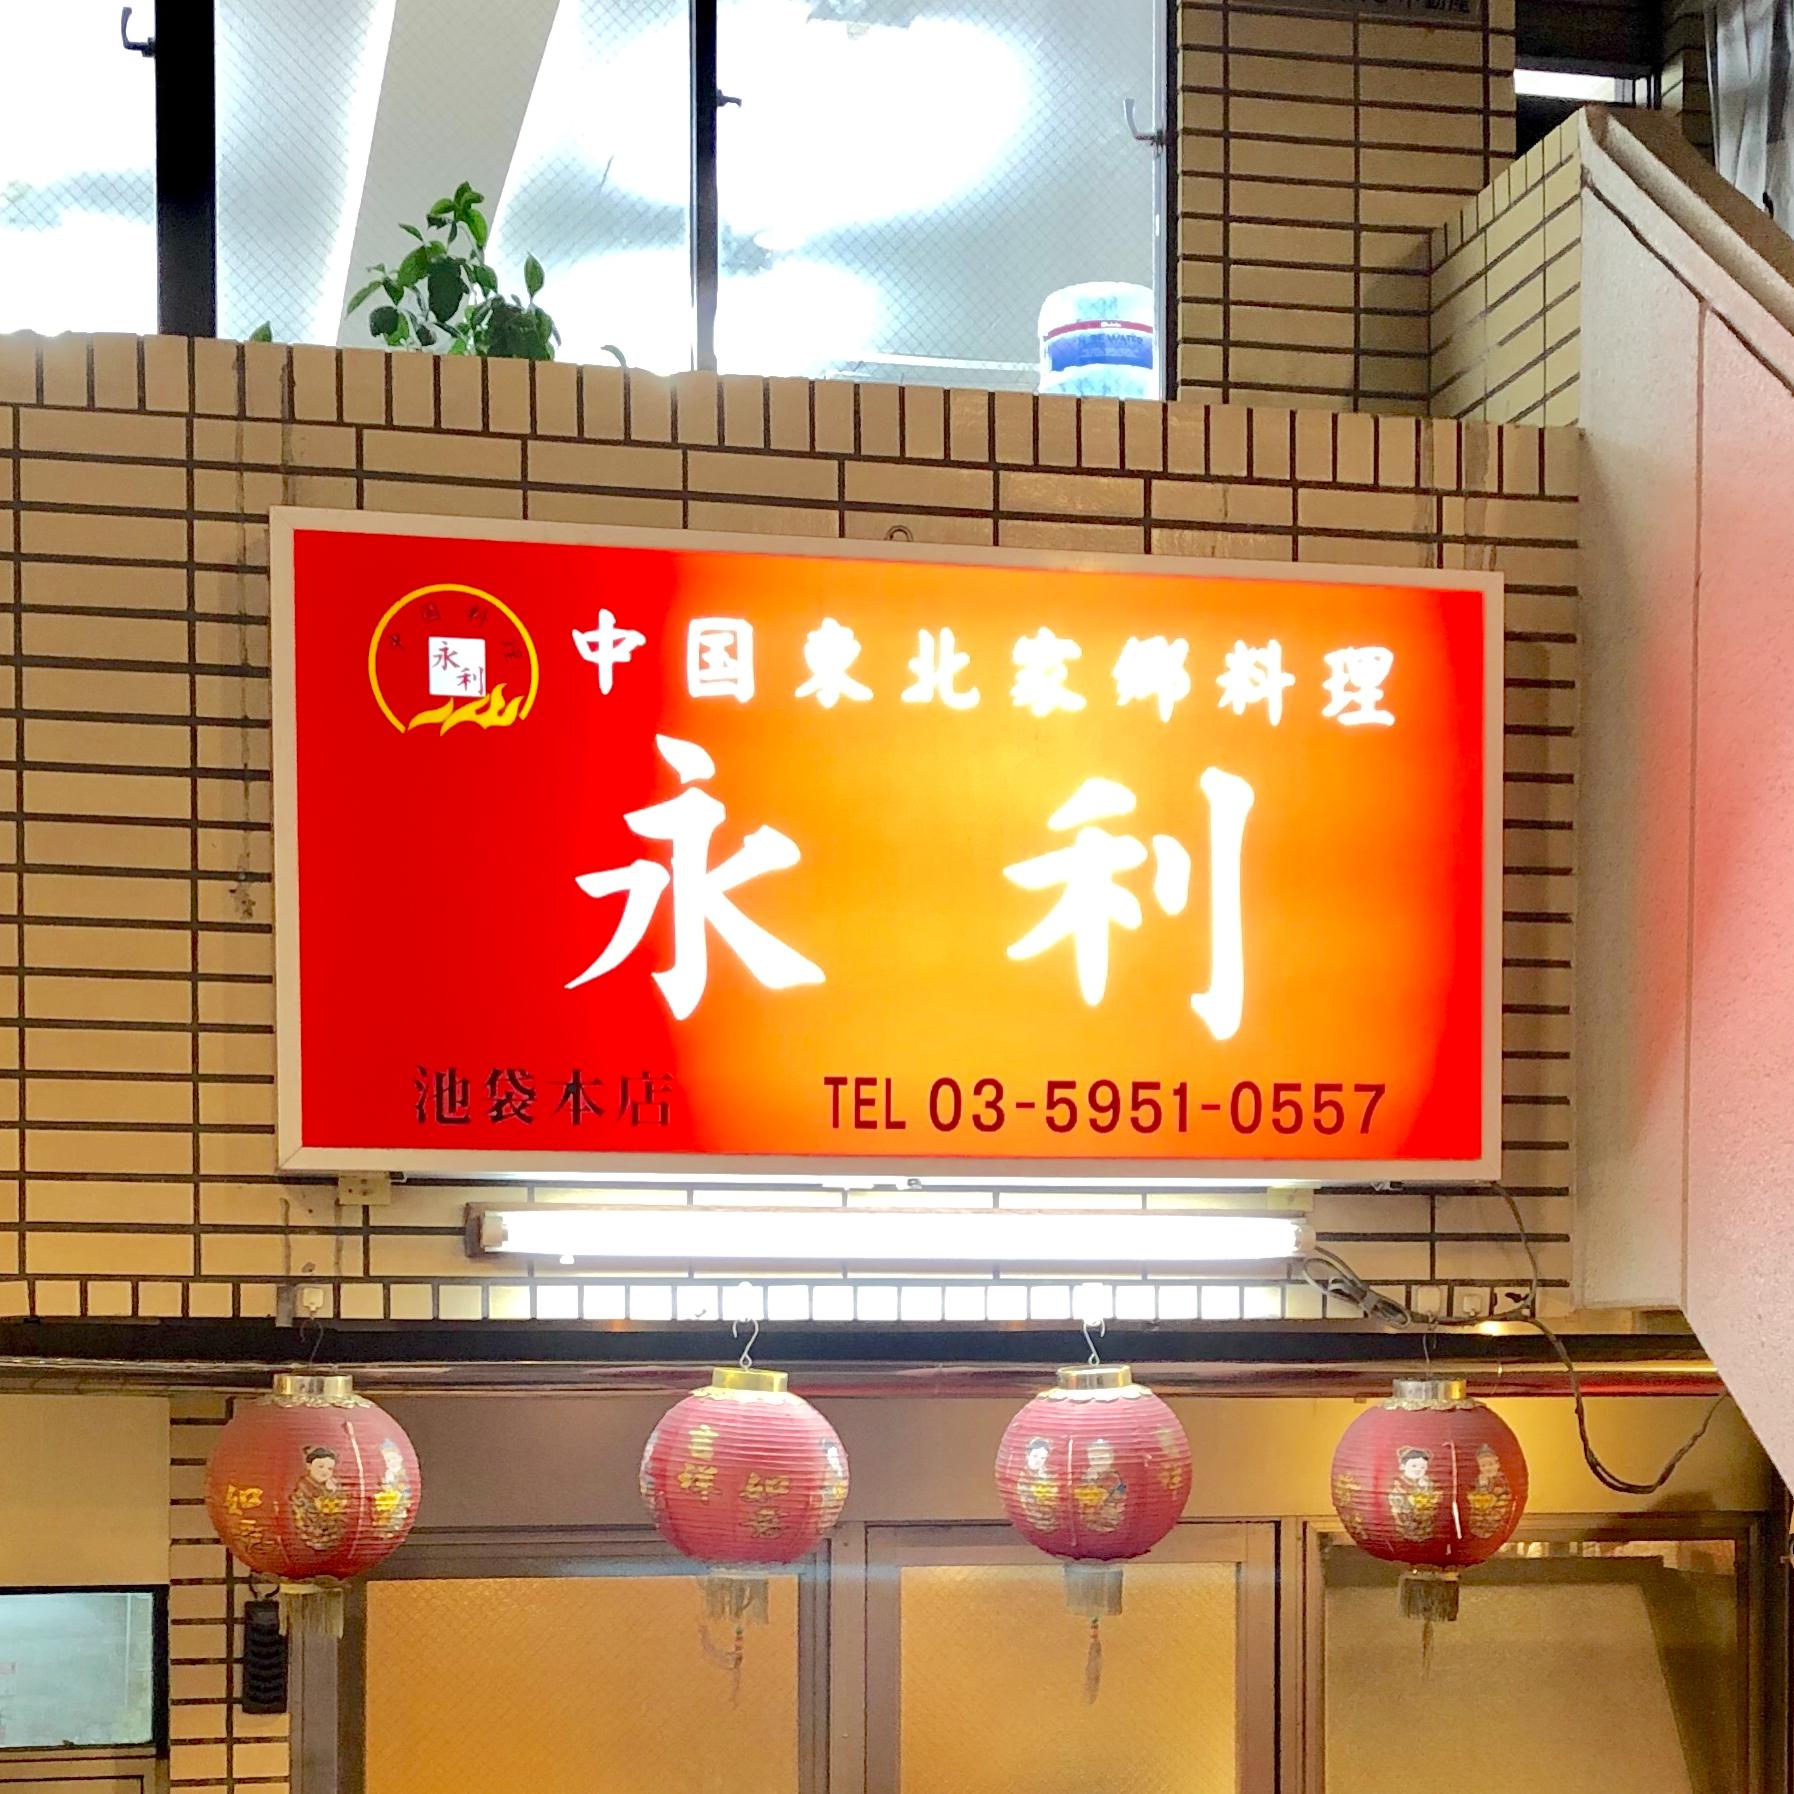 永利 池袋本店|駅近の本格中華料理店は電話予約がおすすめ!